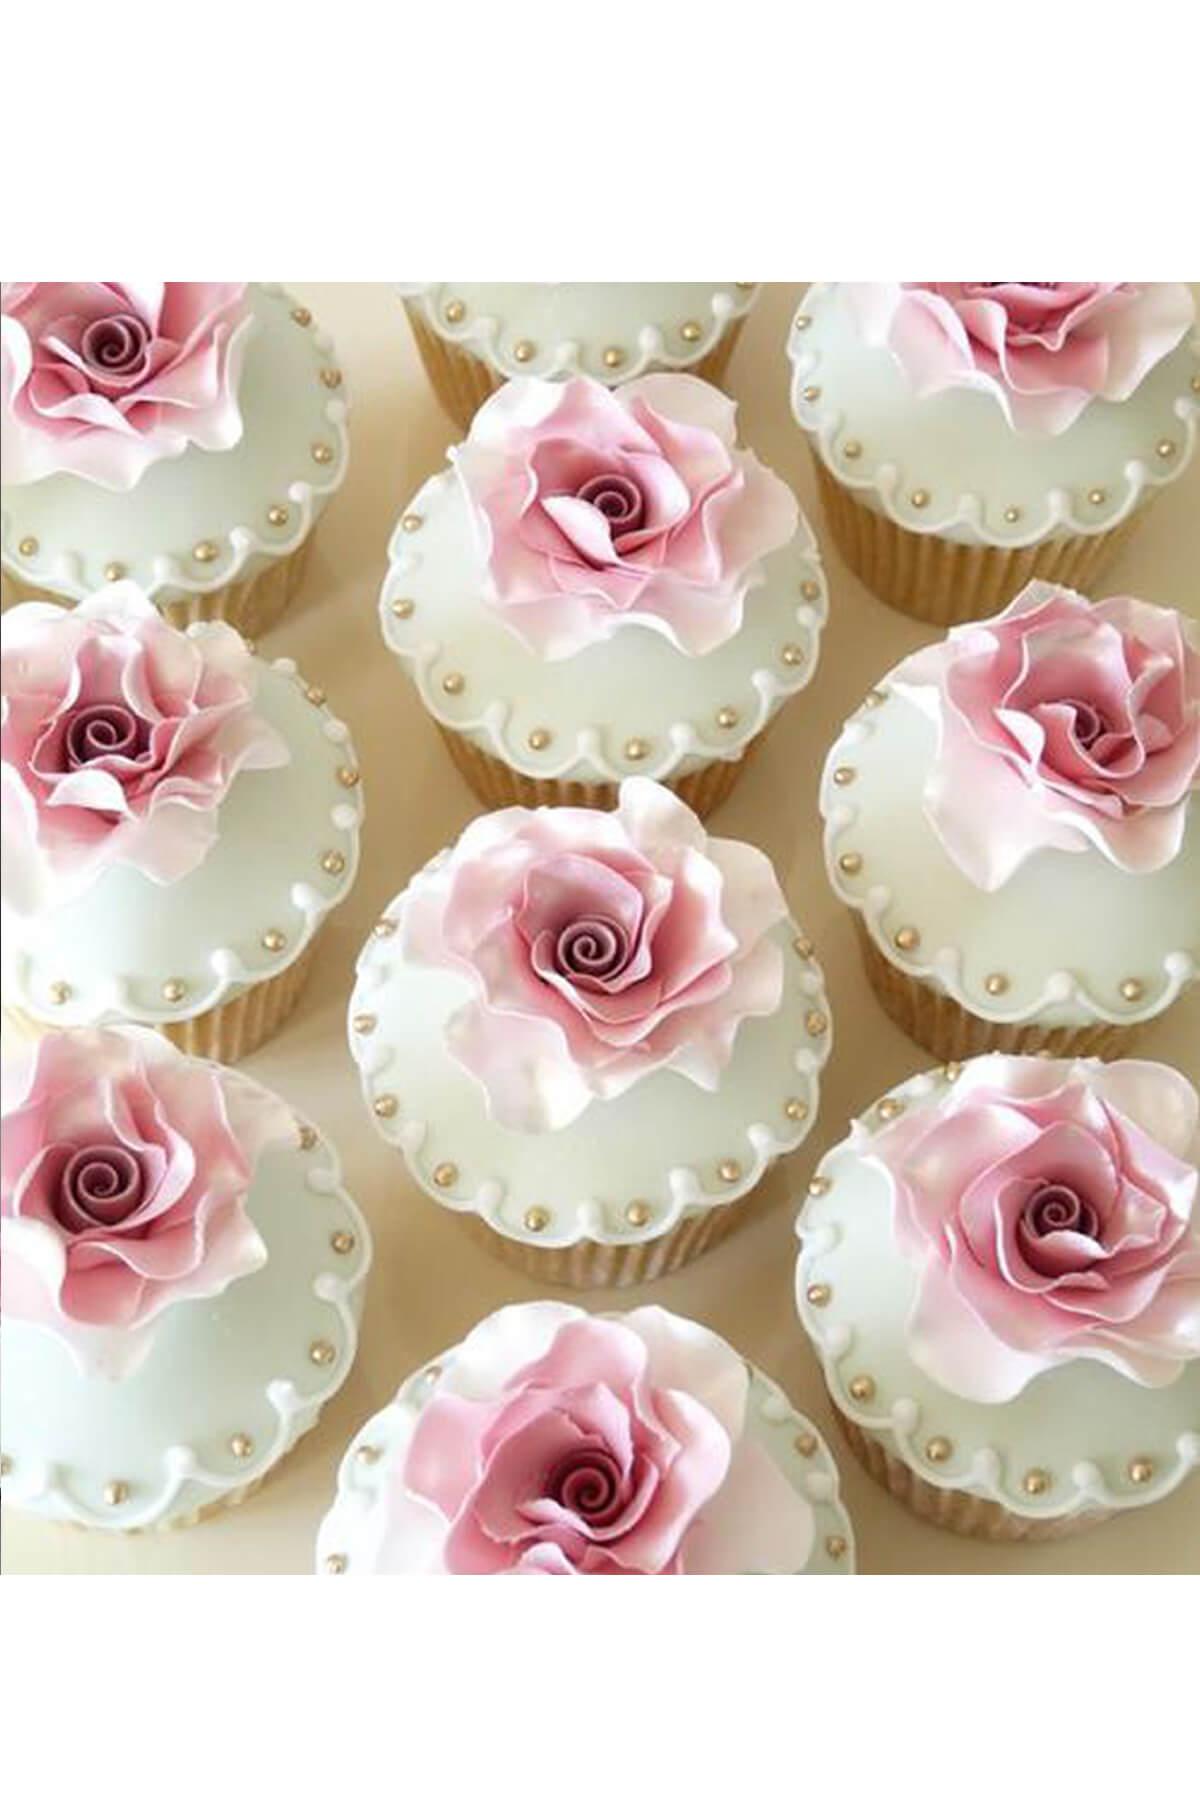 Cupcake tạo hình đoá hoa hồng phấn cánh mỏng nhẹ siêu sống động, xinh đẹp và tinh tế tặng người phụ nữ bạn yêu